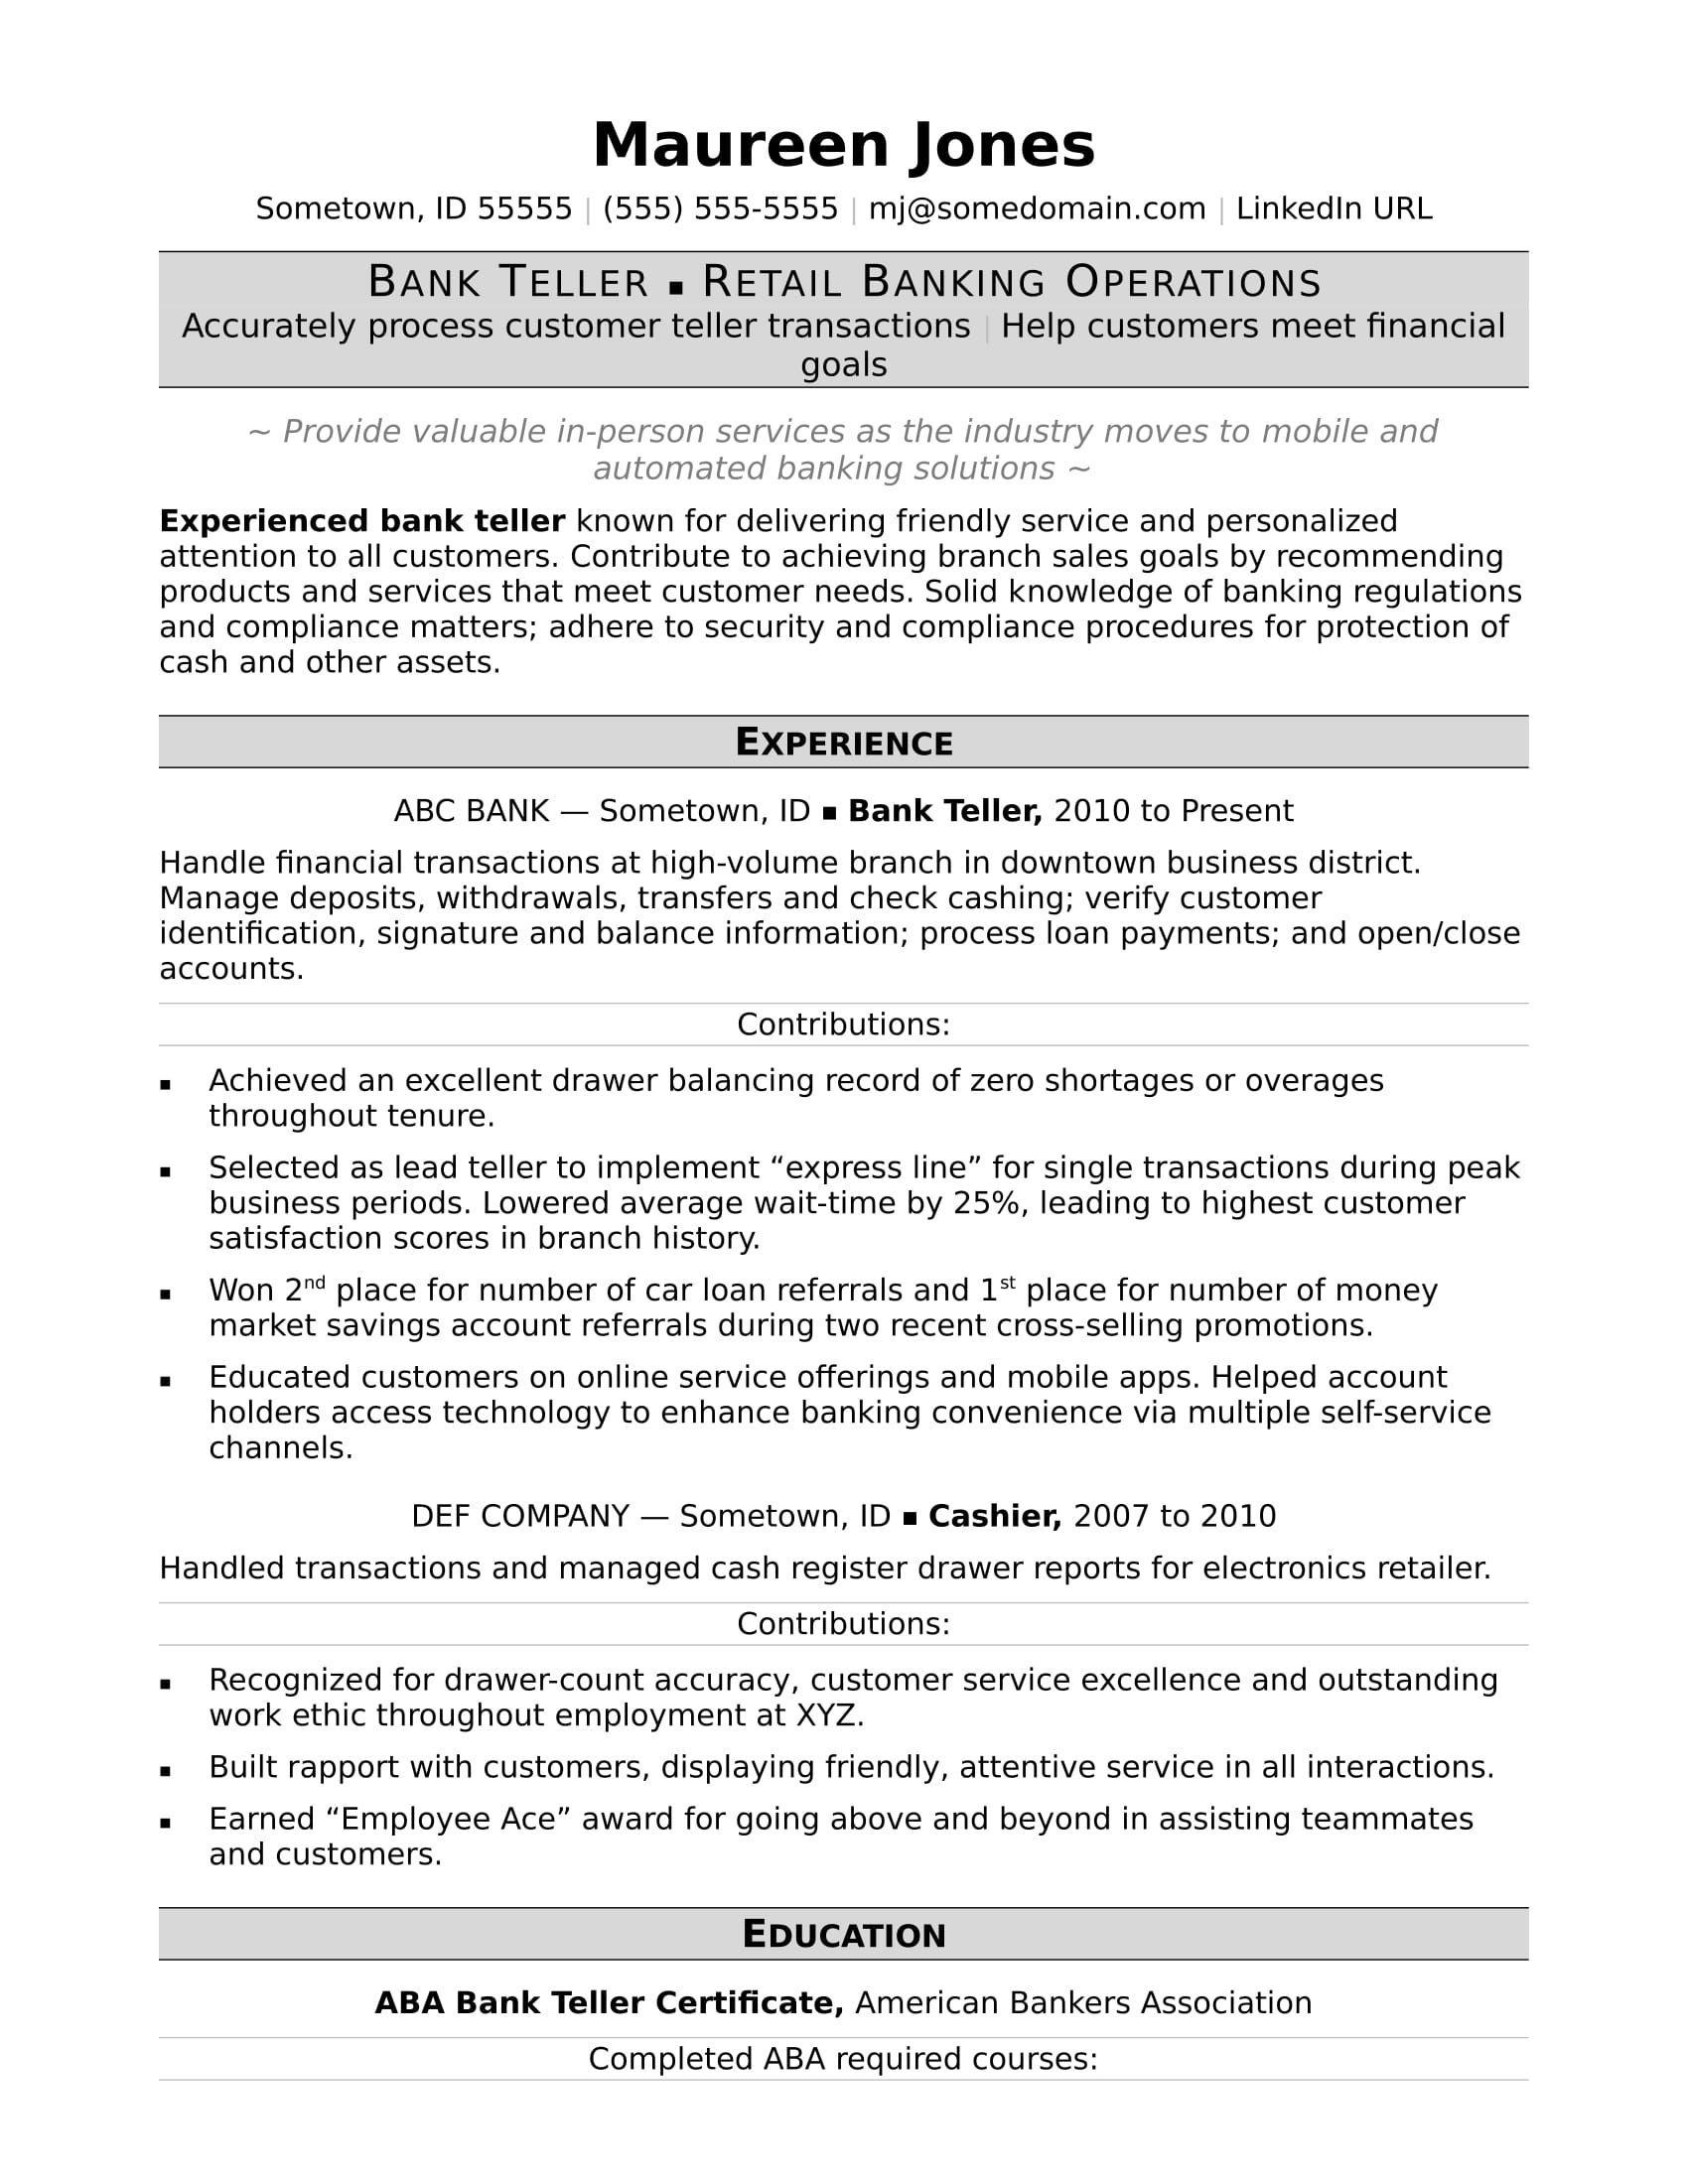 Bank Teller Resume Bank Teller Job Resume Template Resume Examples Job Resume Bank J Bank Teller Resume Job Resume Job Resume Samples